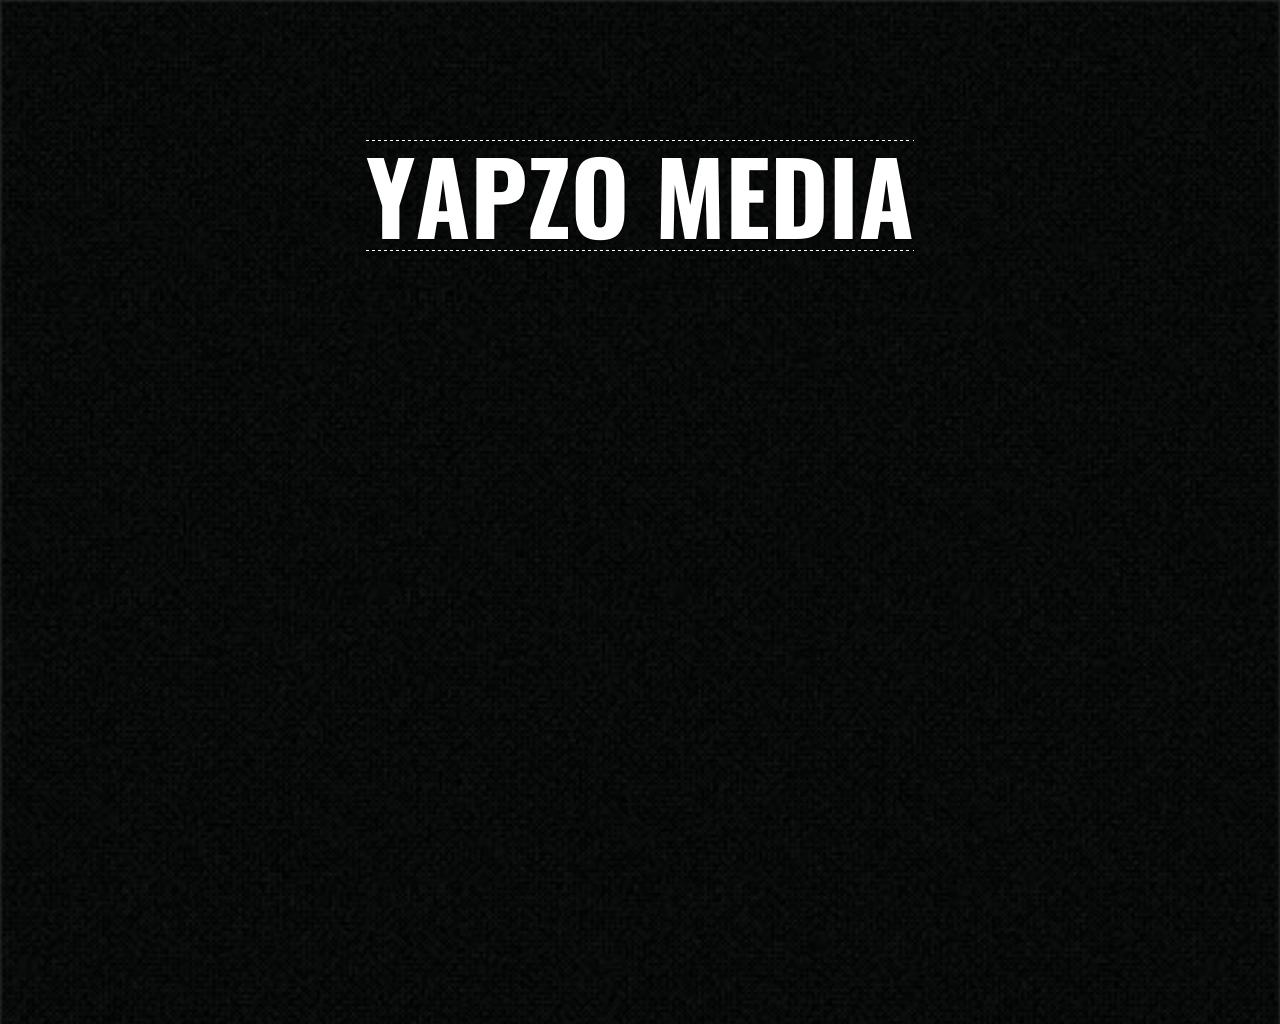 yapzo.com-Advertising-Reviews-Pricing